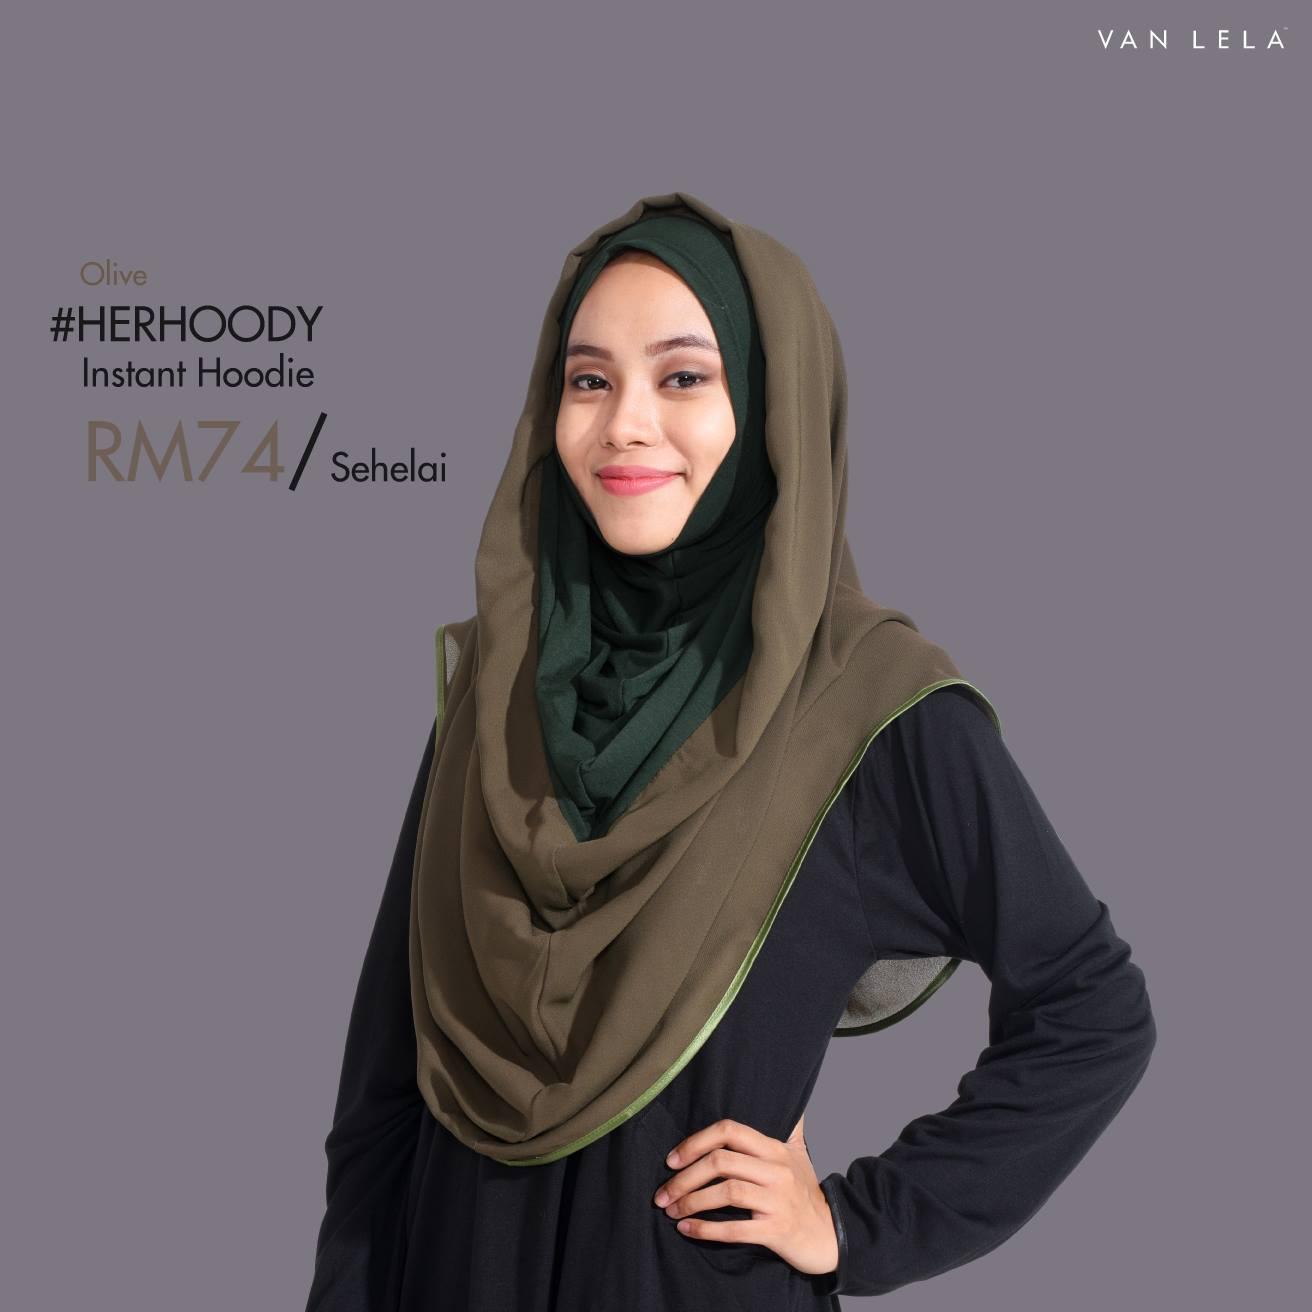 Van Lela Instant Hoodie: Herhoody Yang Sweet Atau Hiphoody Yang Gorgeous